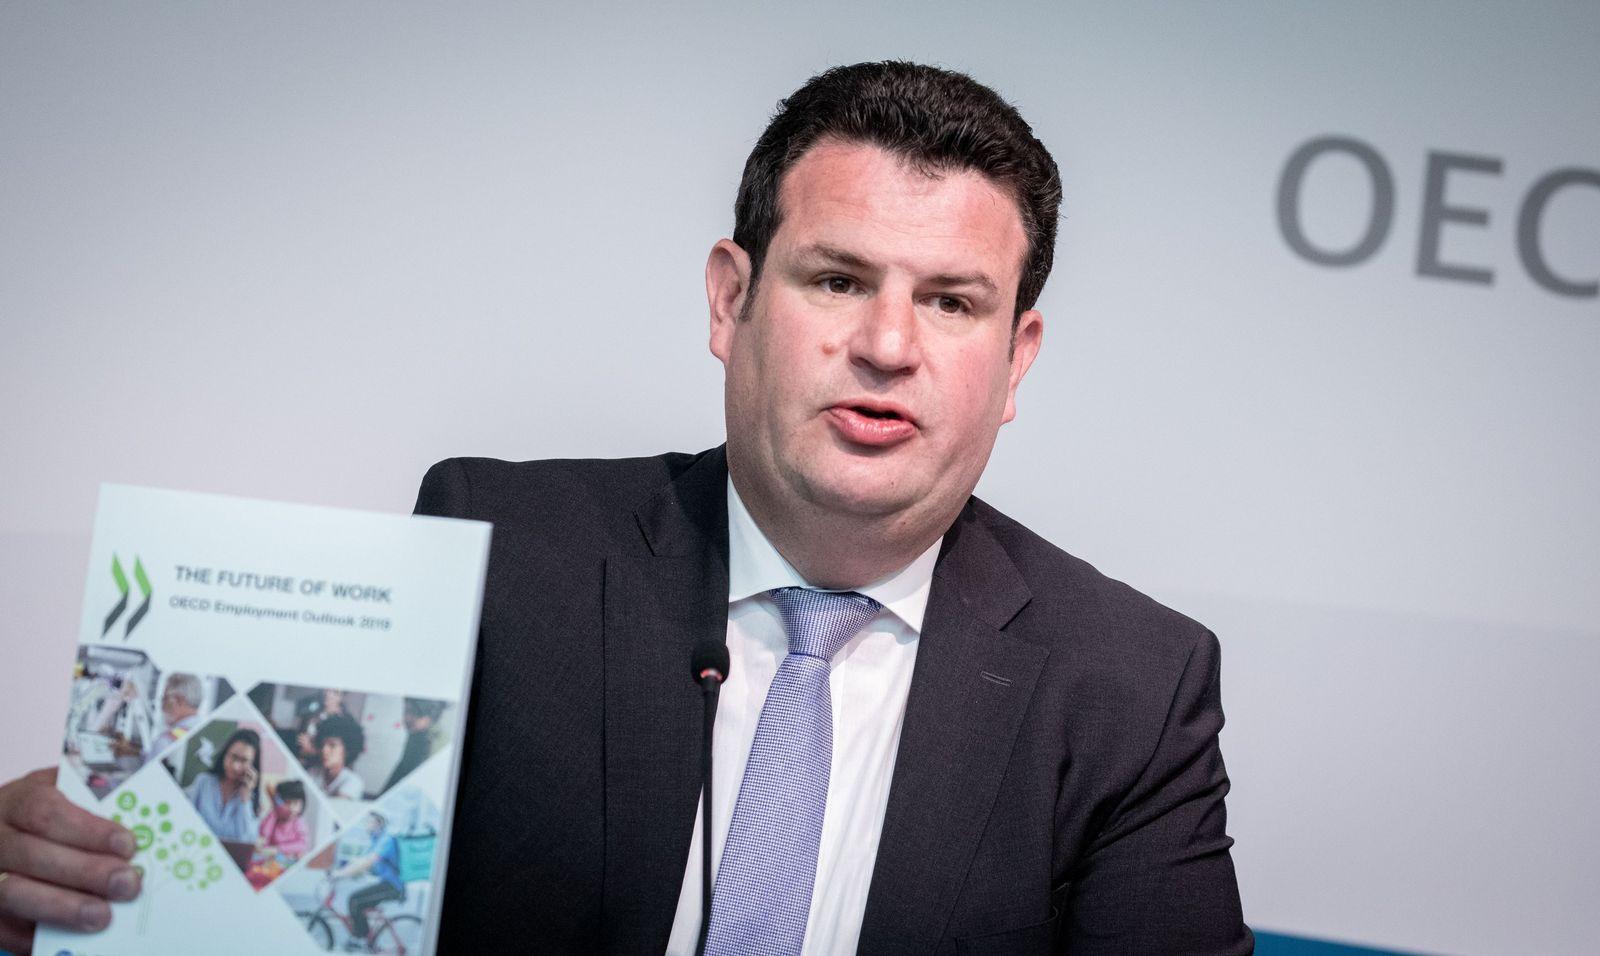 Pk zum OECD-Beschäftigungsausblick 2019